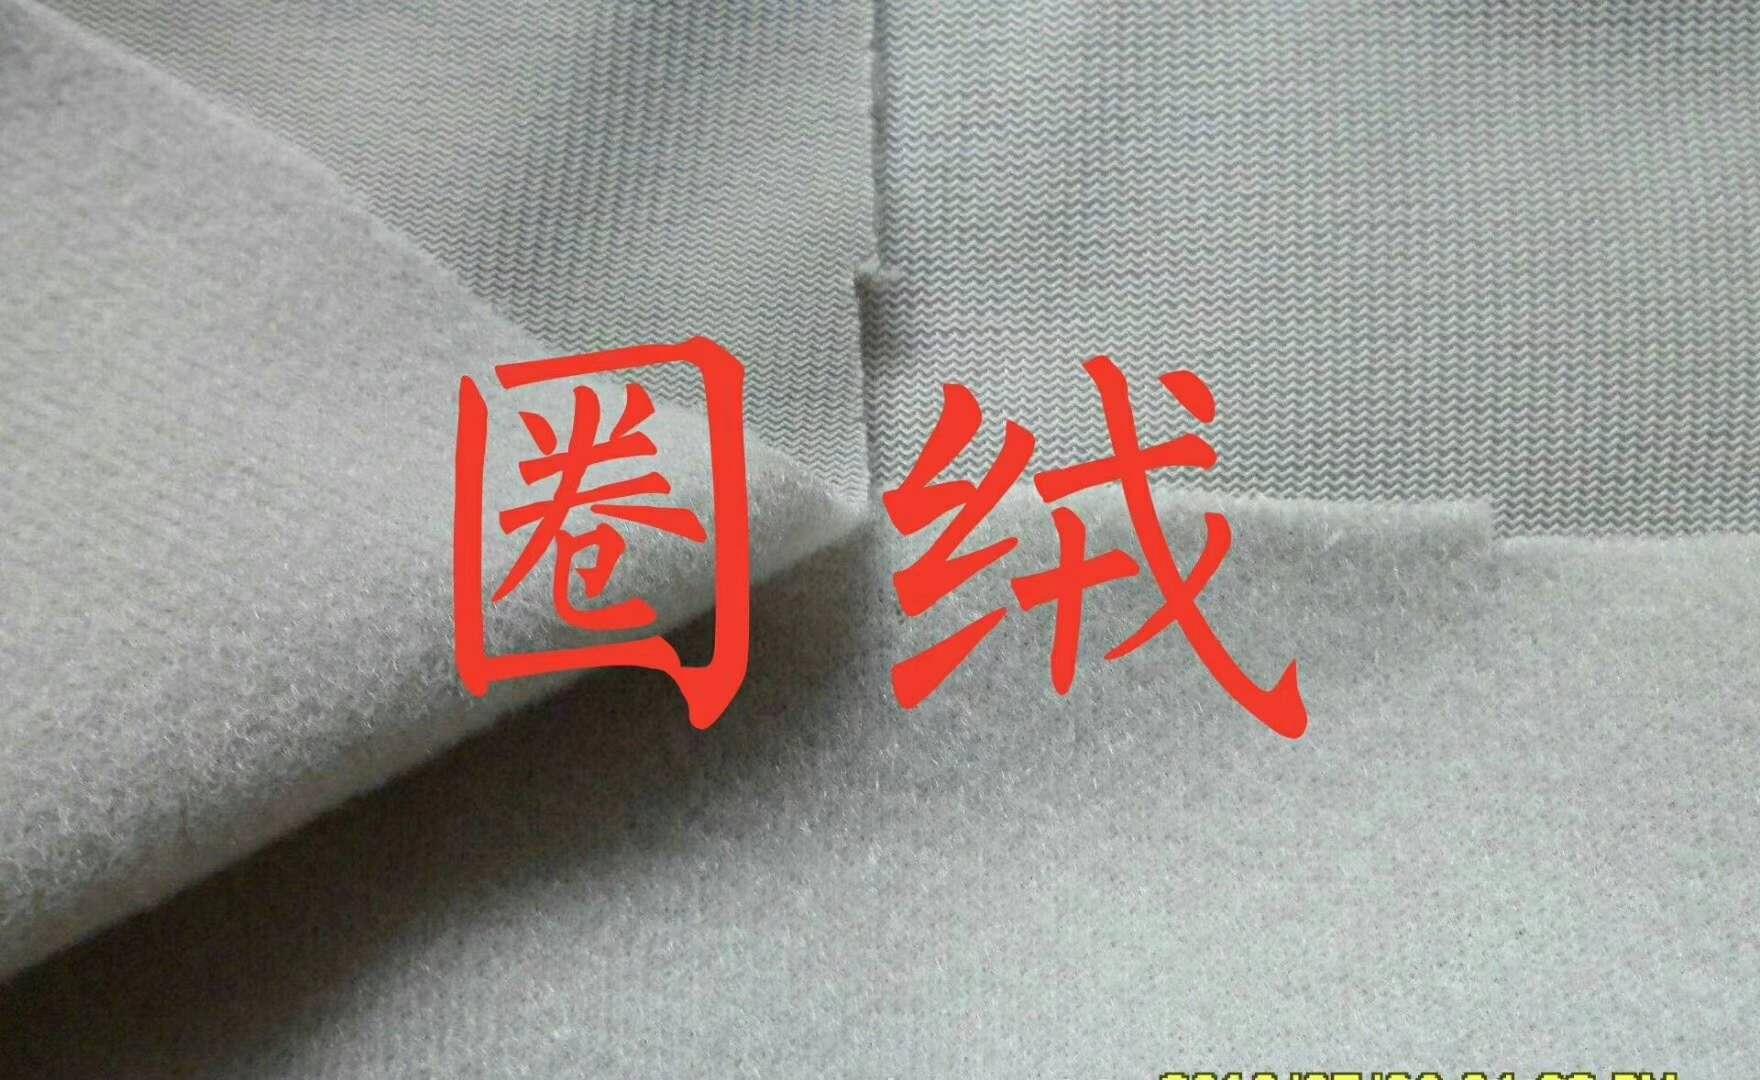 (福建)大量收购夹丝太空层,空气层,75-36平板布坯布,纯涤纱无弹汗布坯布,鸟眼坯布,乱三路坯布15396591983